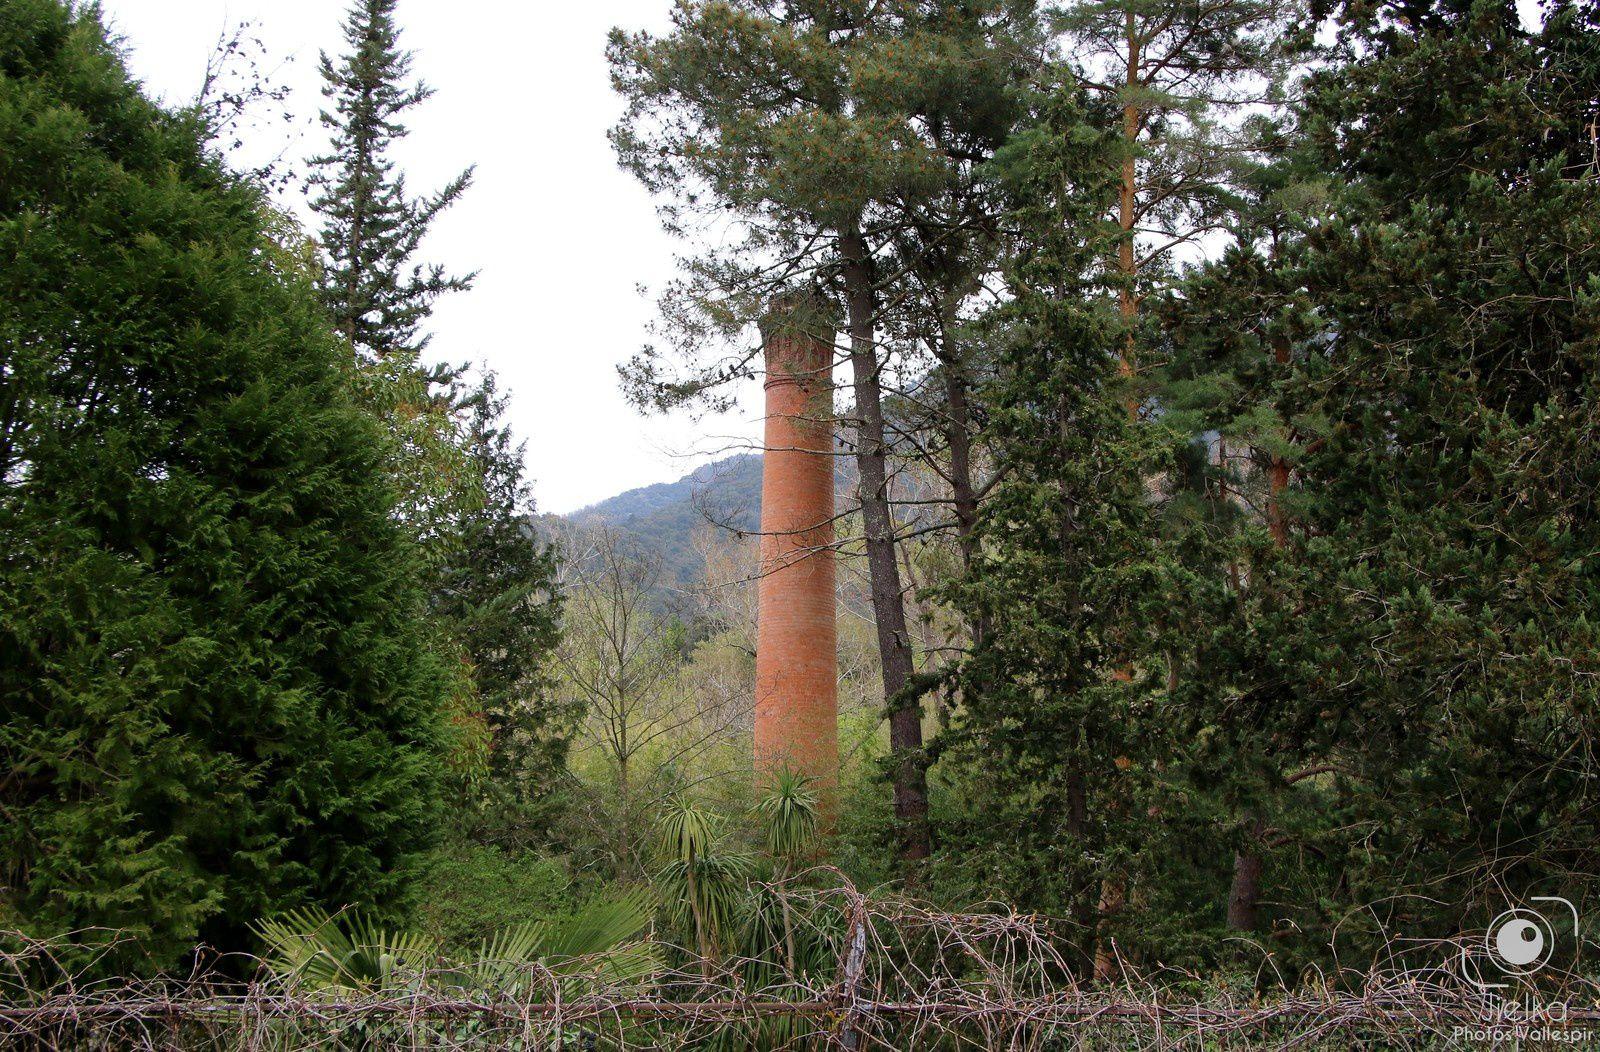 Les bâtiment aujourd'hui et la cheminée de la teinturerie.